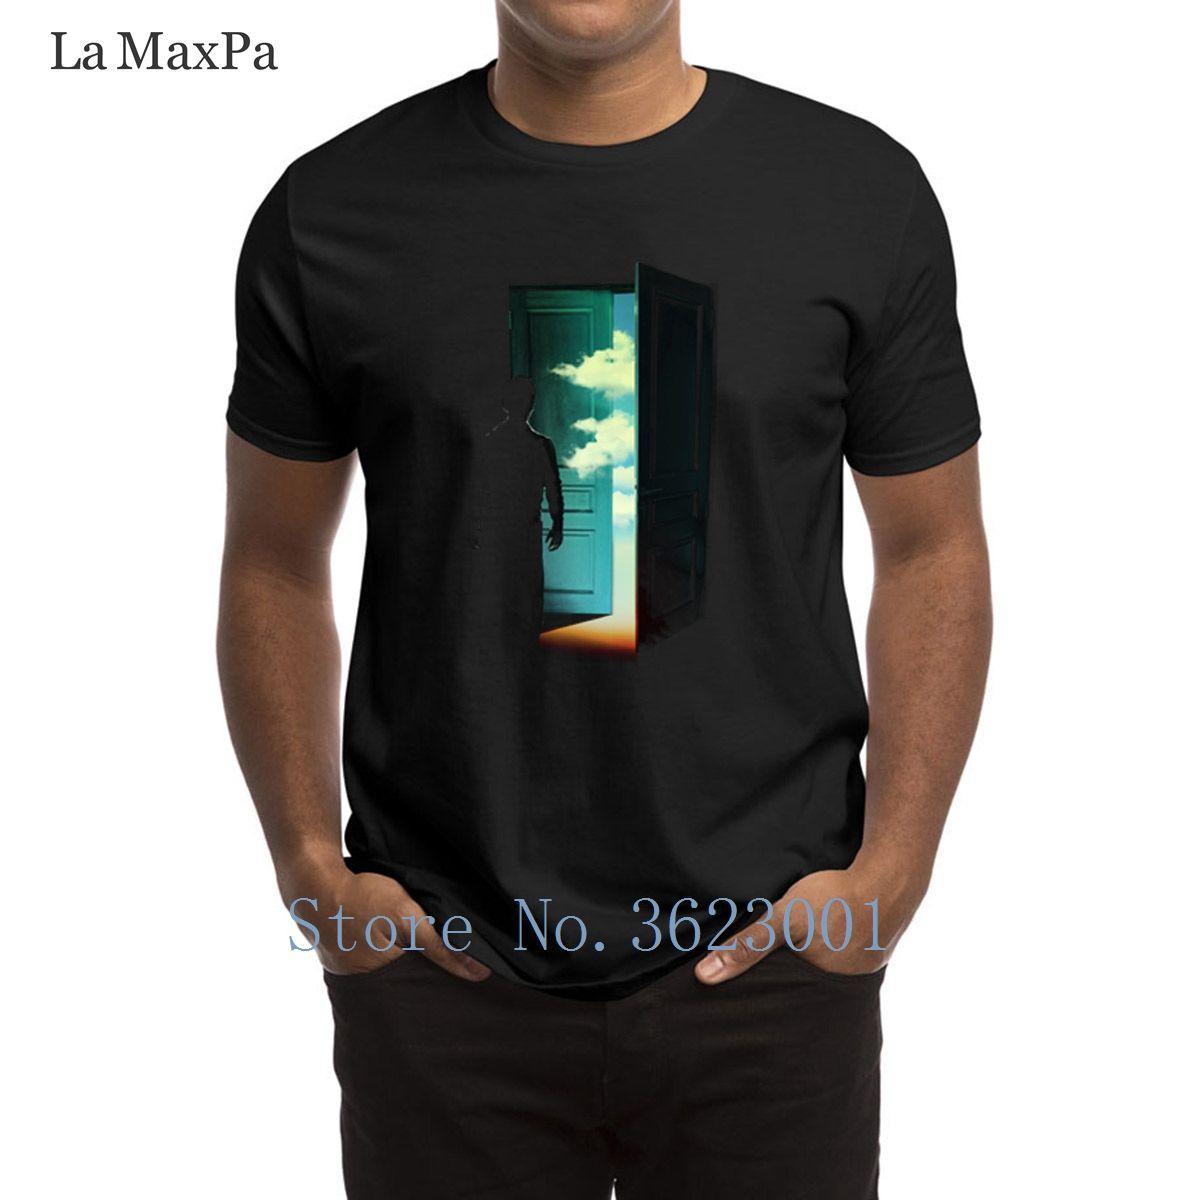 Fantastico T-shirt da uomo porta al mondo maglietta Slogan Tee Abbigliamento uomo camicia di modo 100% cotone Tshirt Uomo Tee Tops